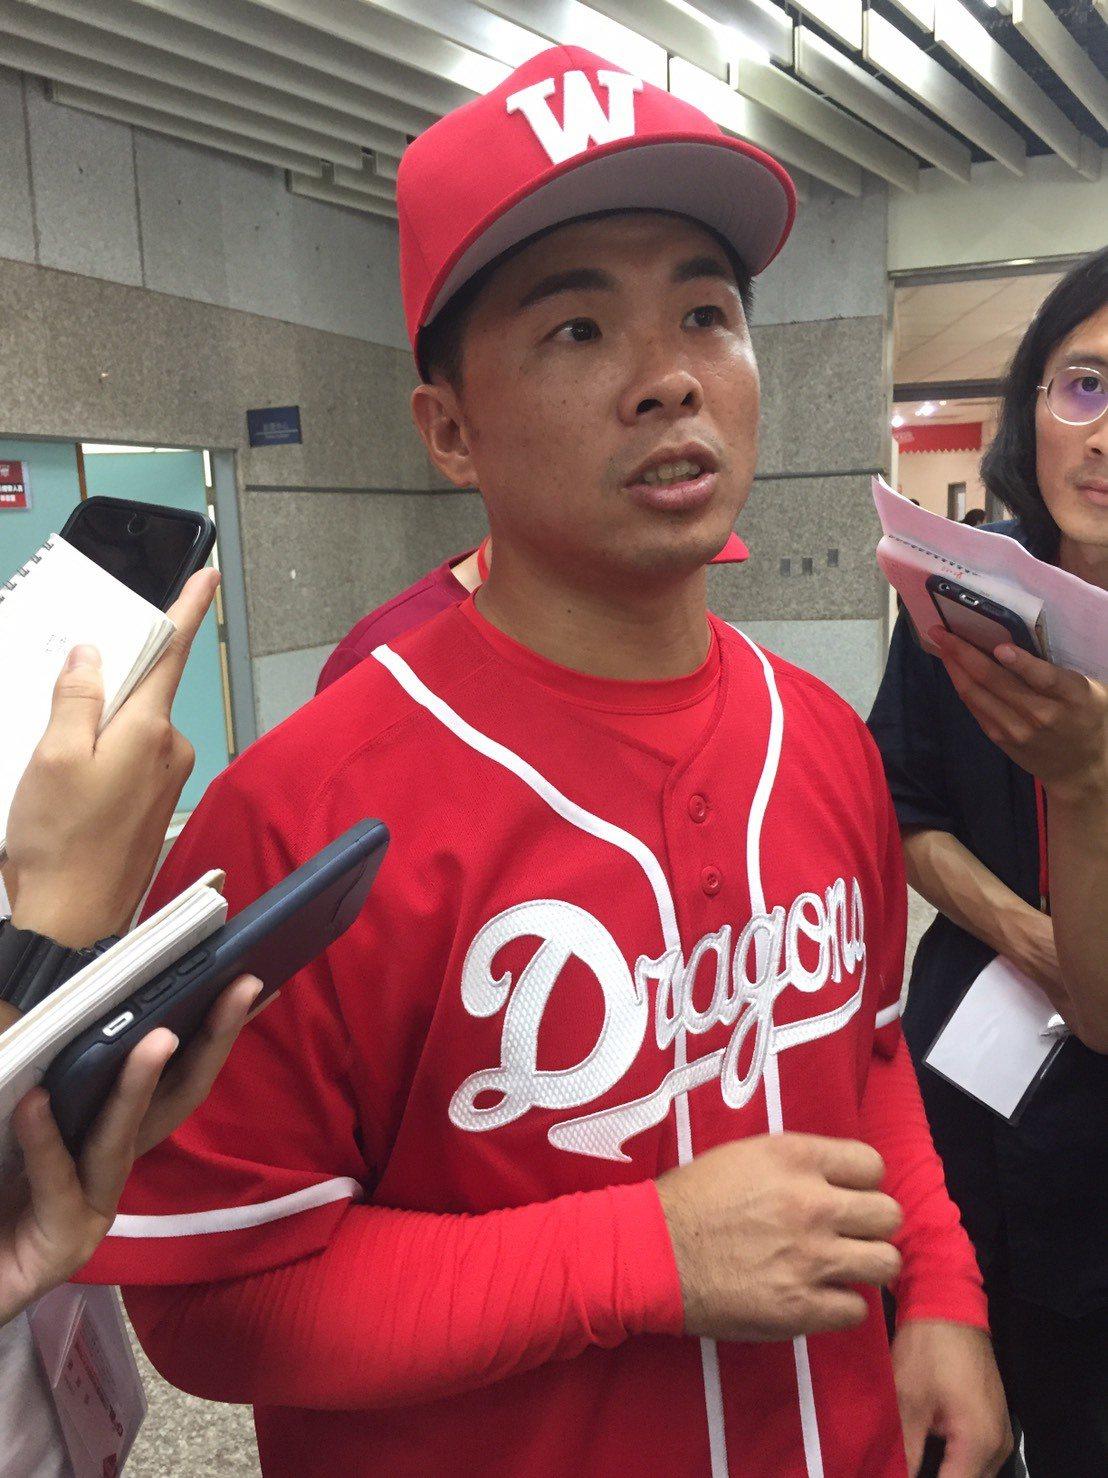 吳宗峻披上味全龍球衣重啟職棒生涯。記者吳敏欣/攝影